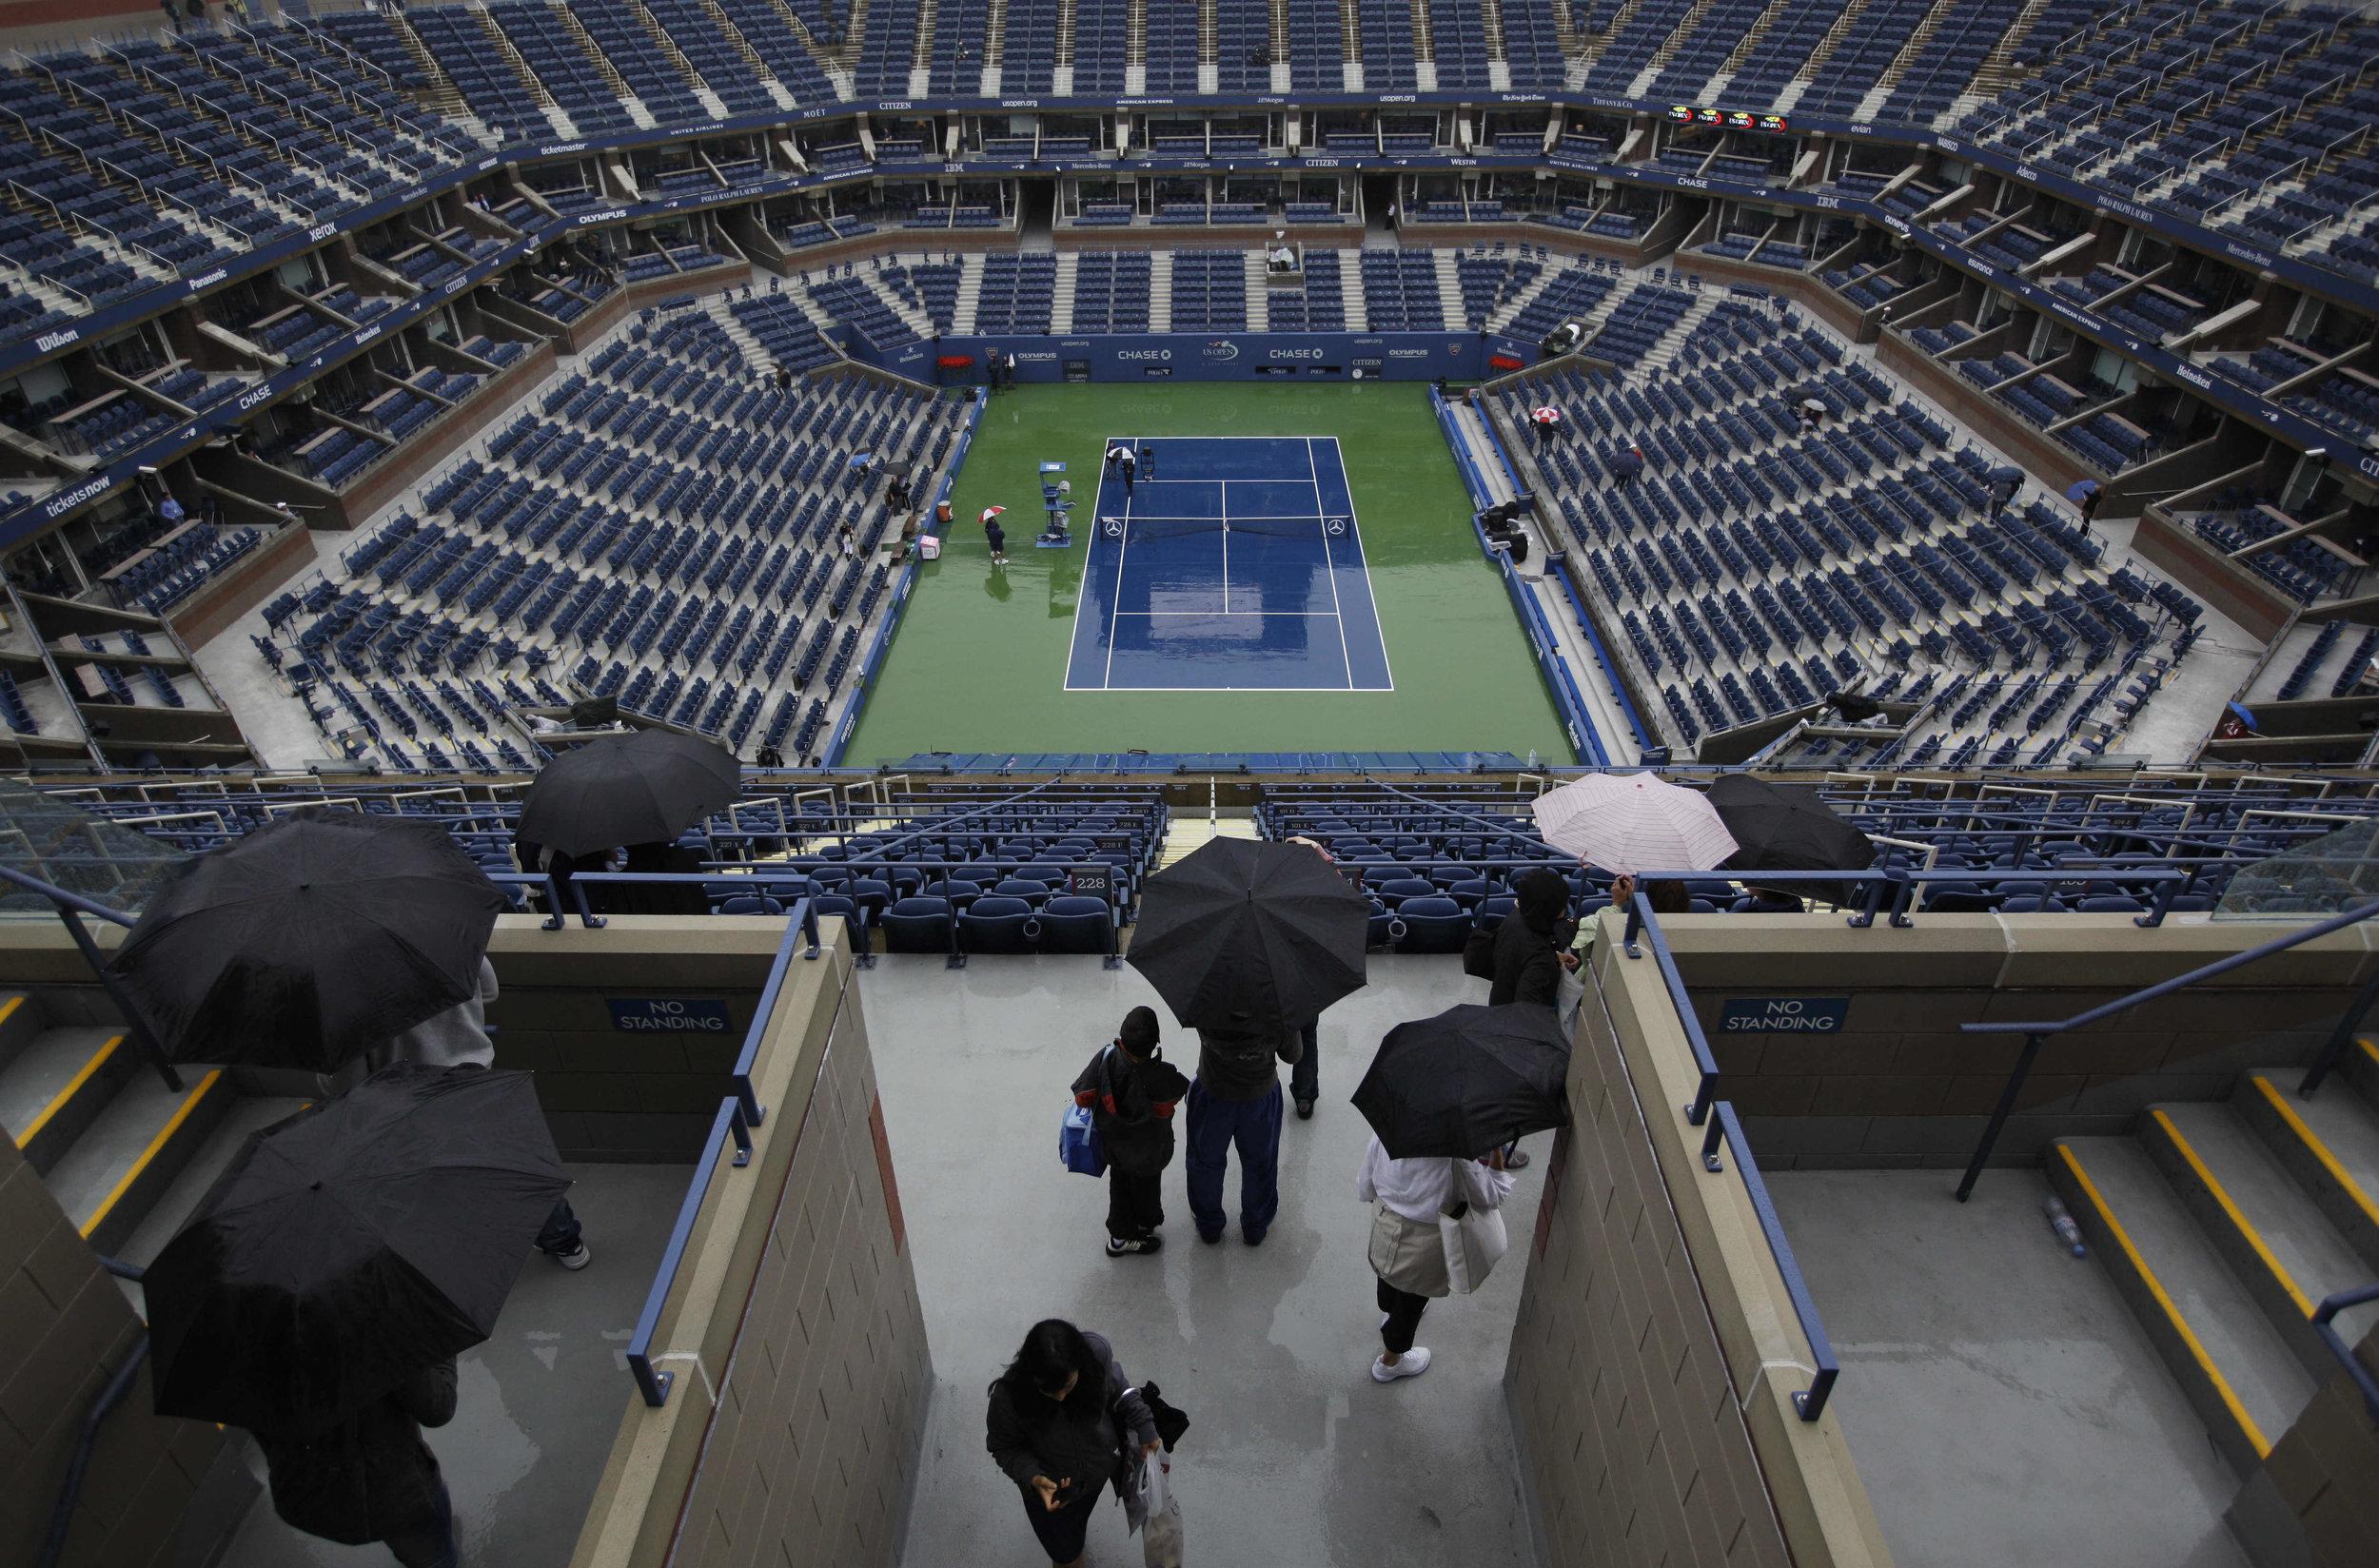 Fans arrive at Arthur Ashe Stadium during a U.S. Open tennis tournament. (AP Photo/Matt Slocum).